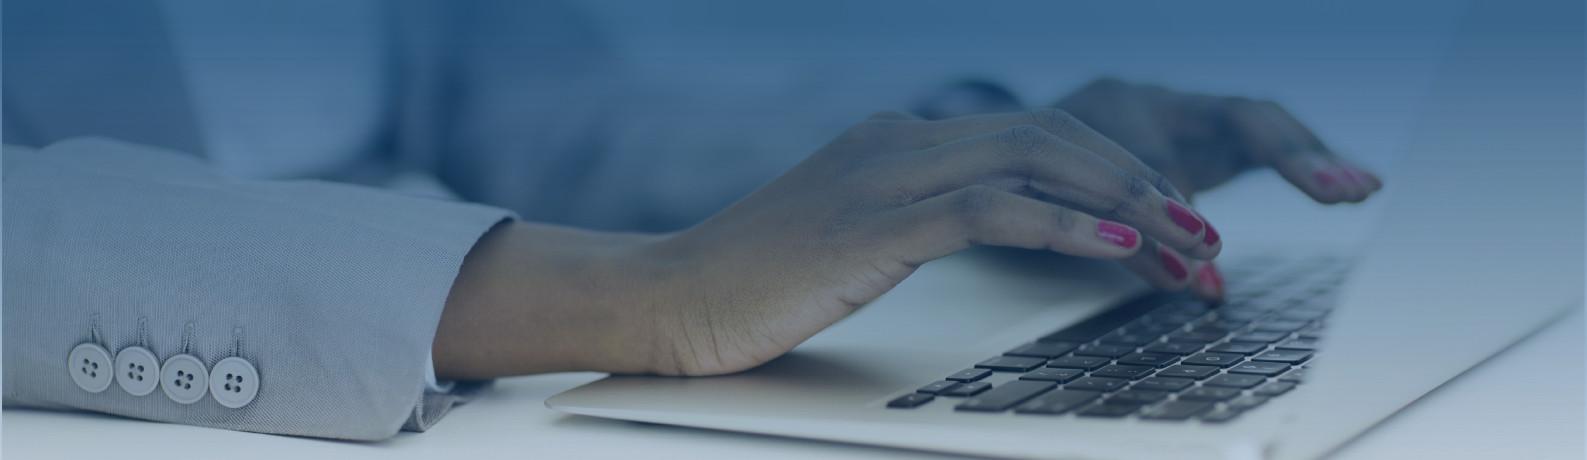 http://serpro.gov.br/menu/contato/cliente/duvidas-mais-frequentes/certificacao-digital/certificacao-digital